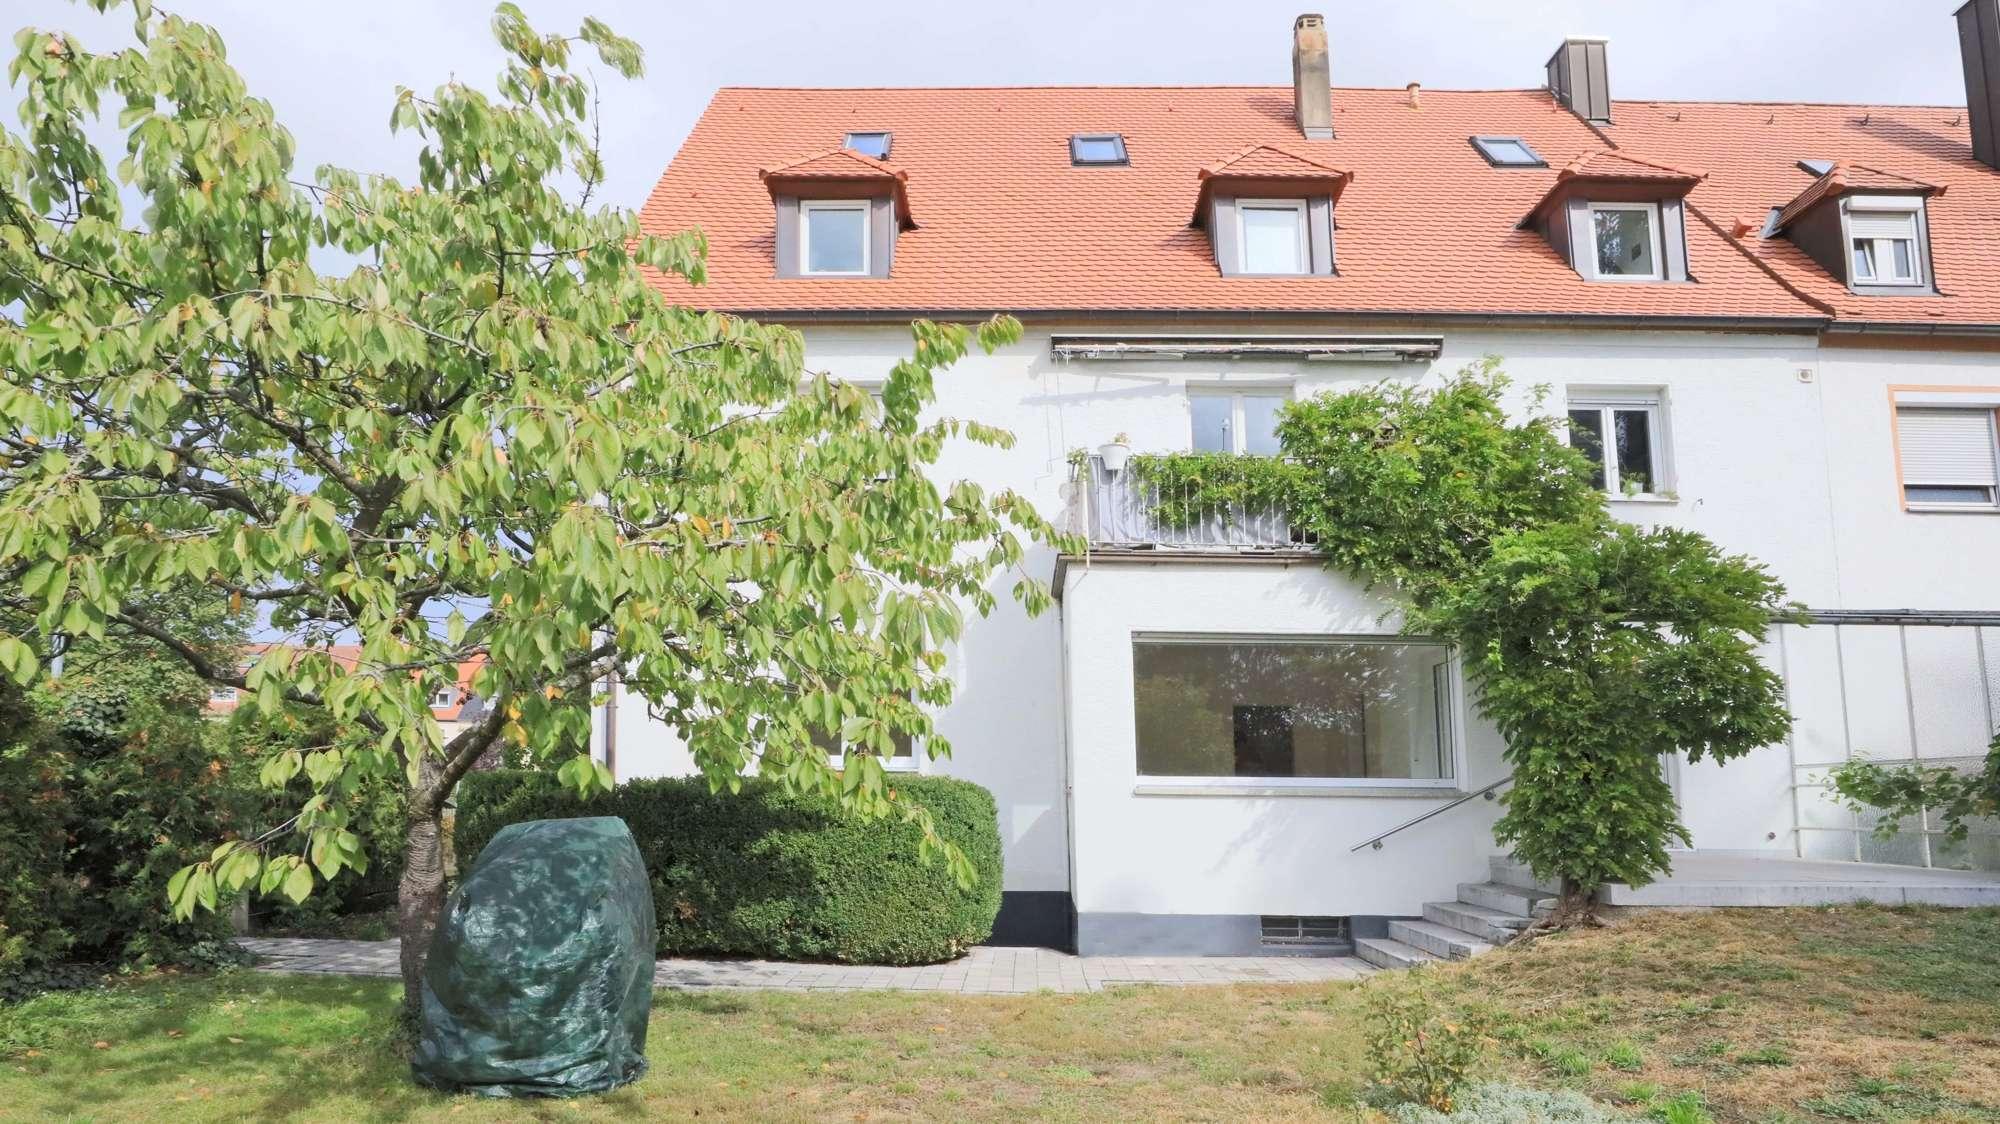 IMMOPARTNER - Das gute Gefühl zu Hause zu sein! in Eberhardshof (Nürnberg)